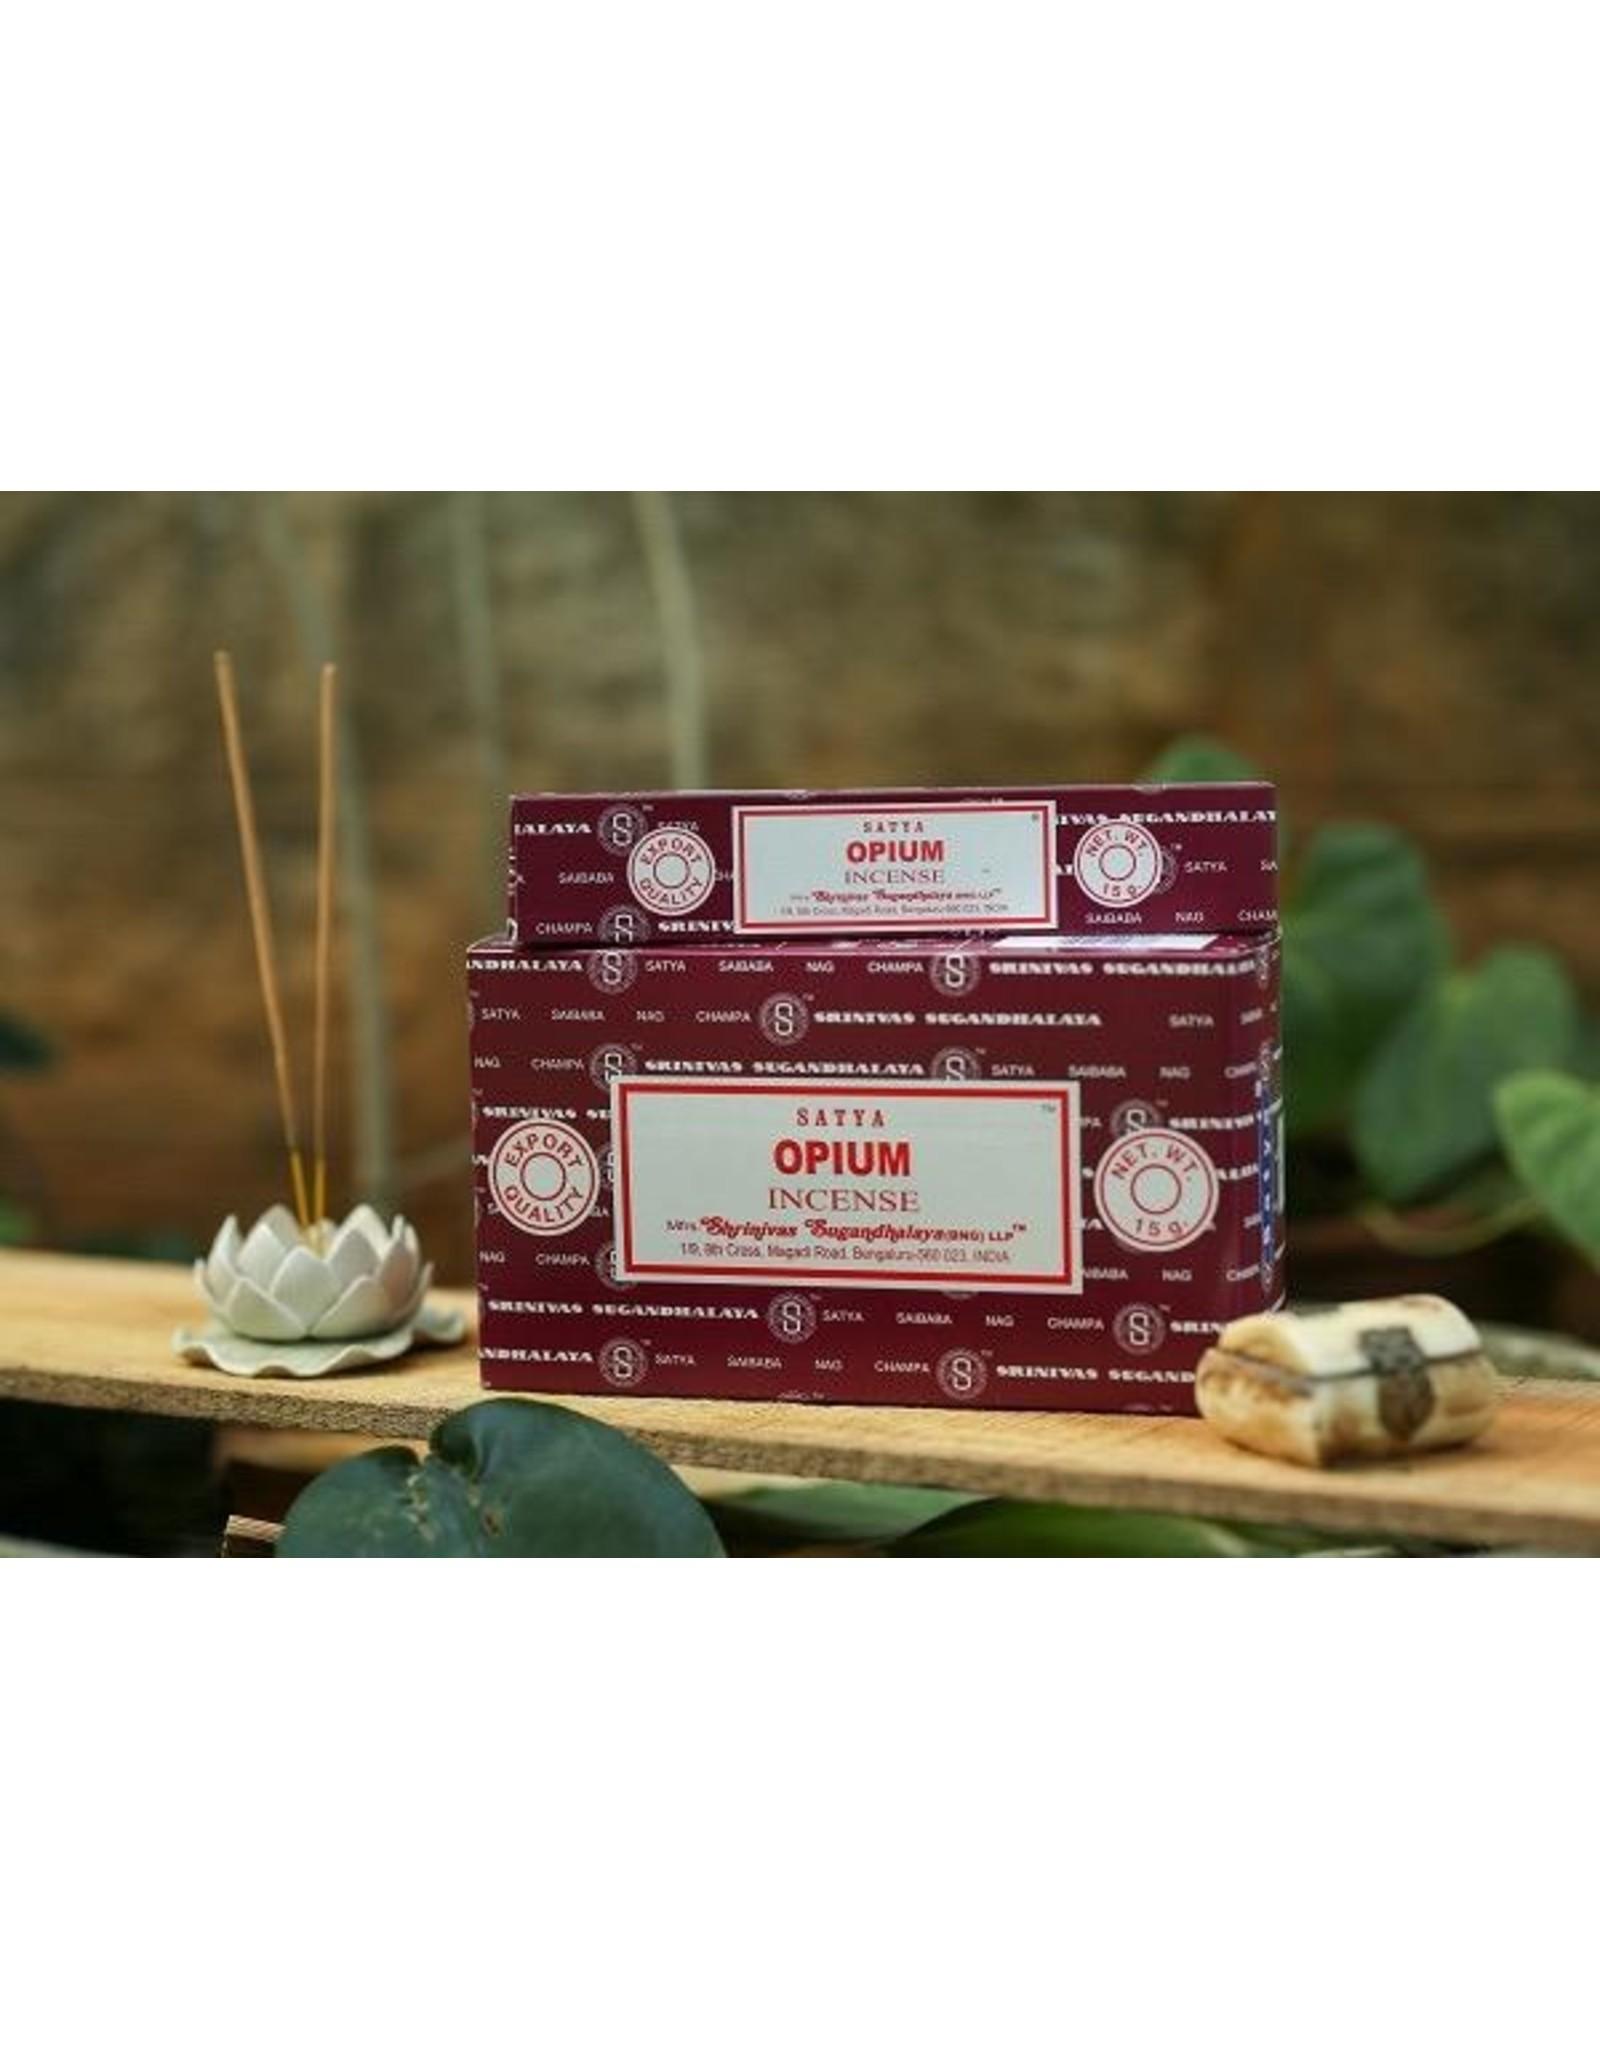 Satya Opium 15 Gram Incense Stick